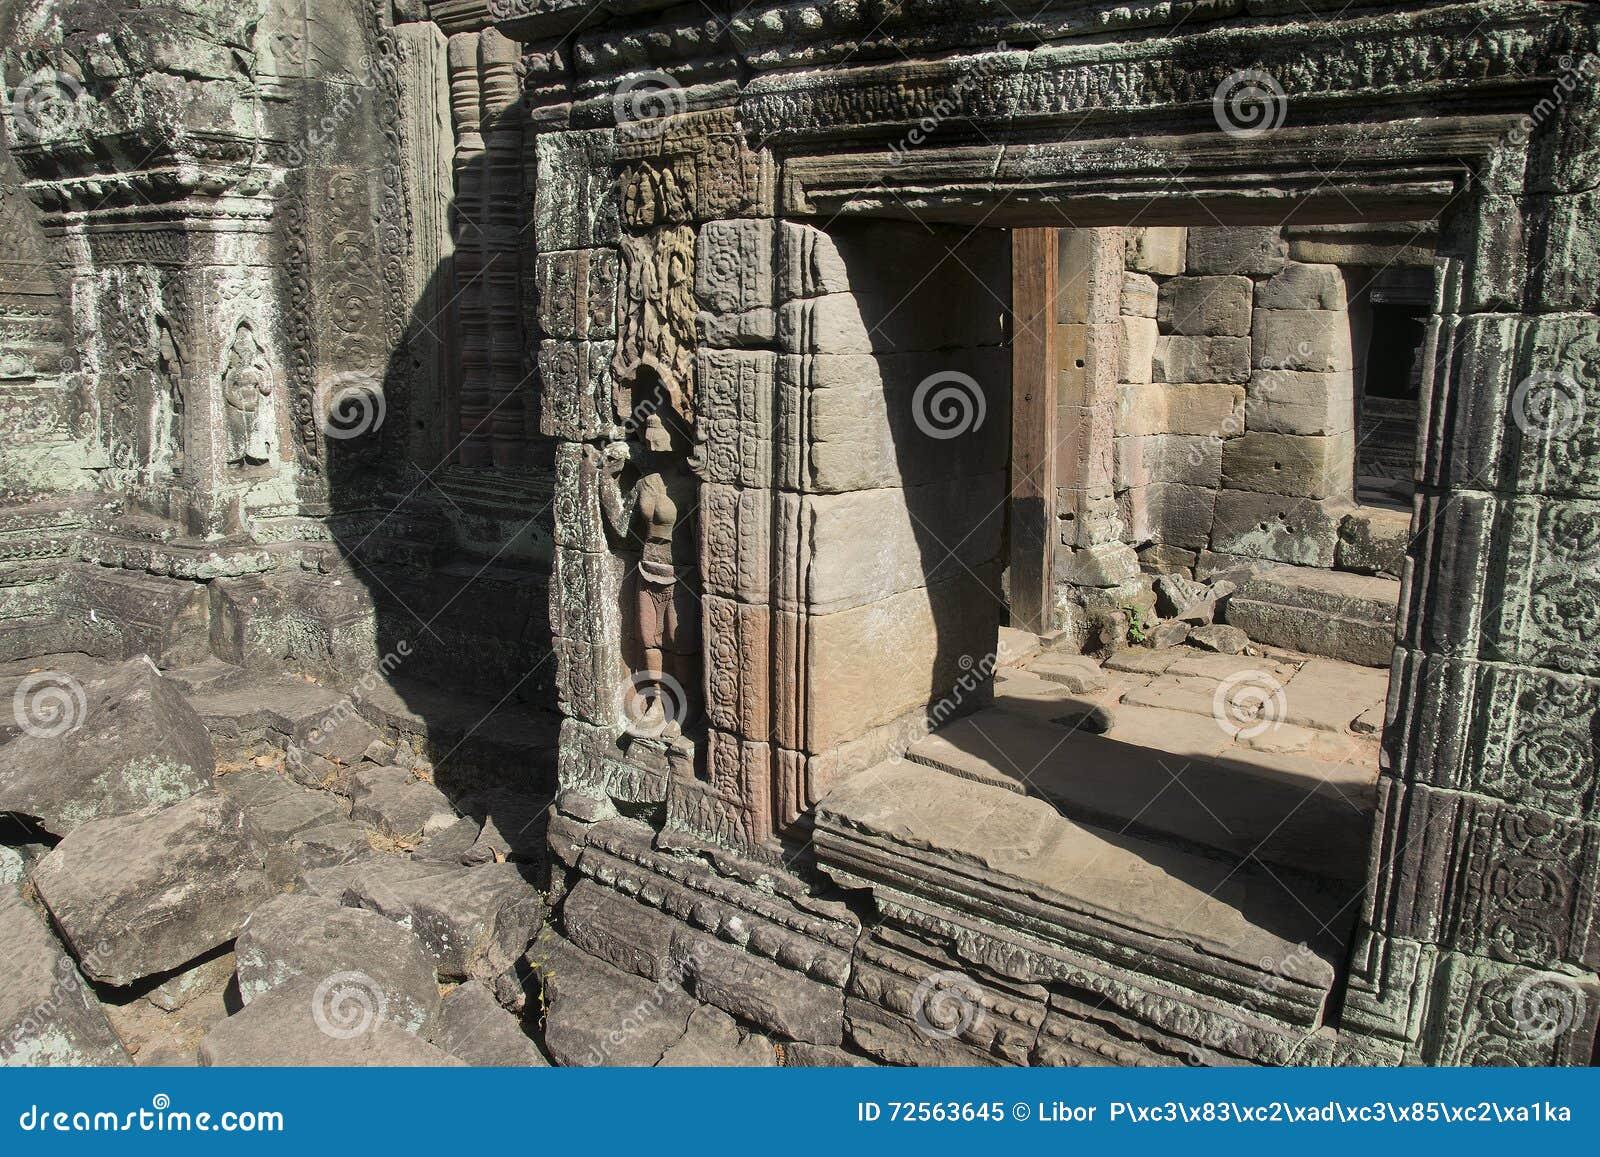 Τα Watt Angkor - τοίχοι καταστροφών ναών TA Prohm της khmer πόλης Angkor wat εγκαταστήστε στην Καμπότζη - δηλώνουν το μνημείο